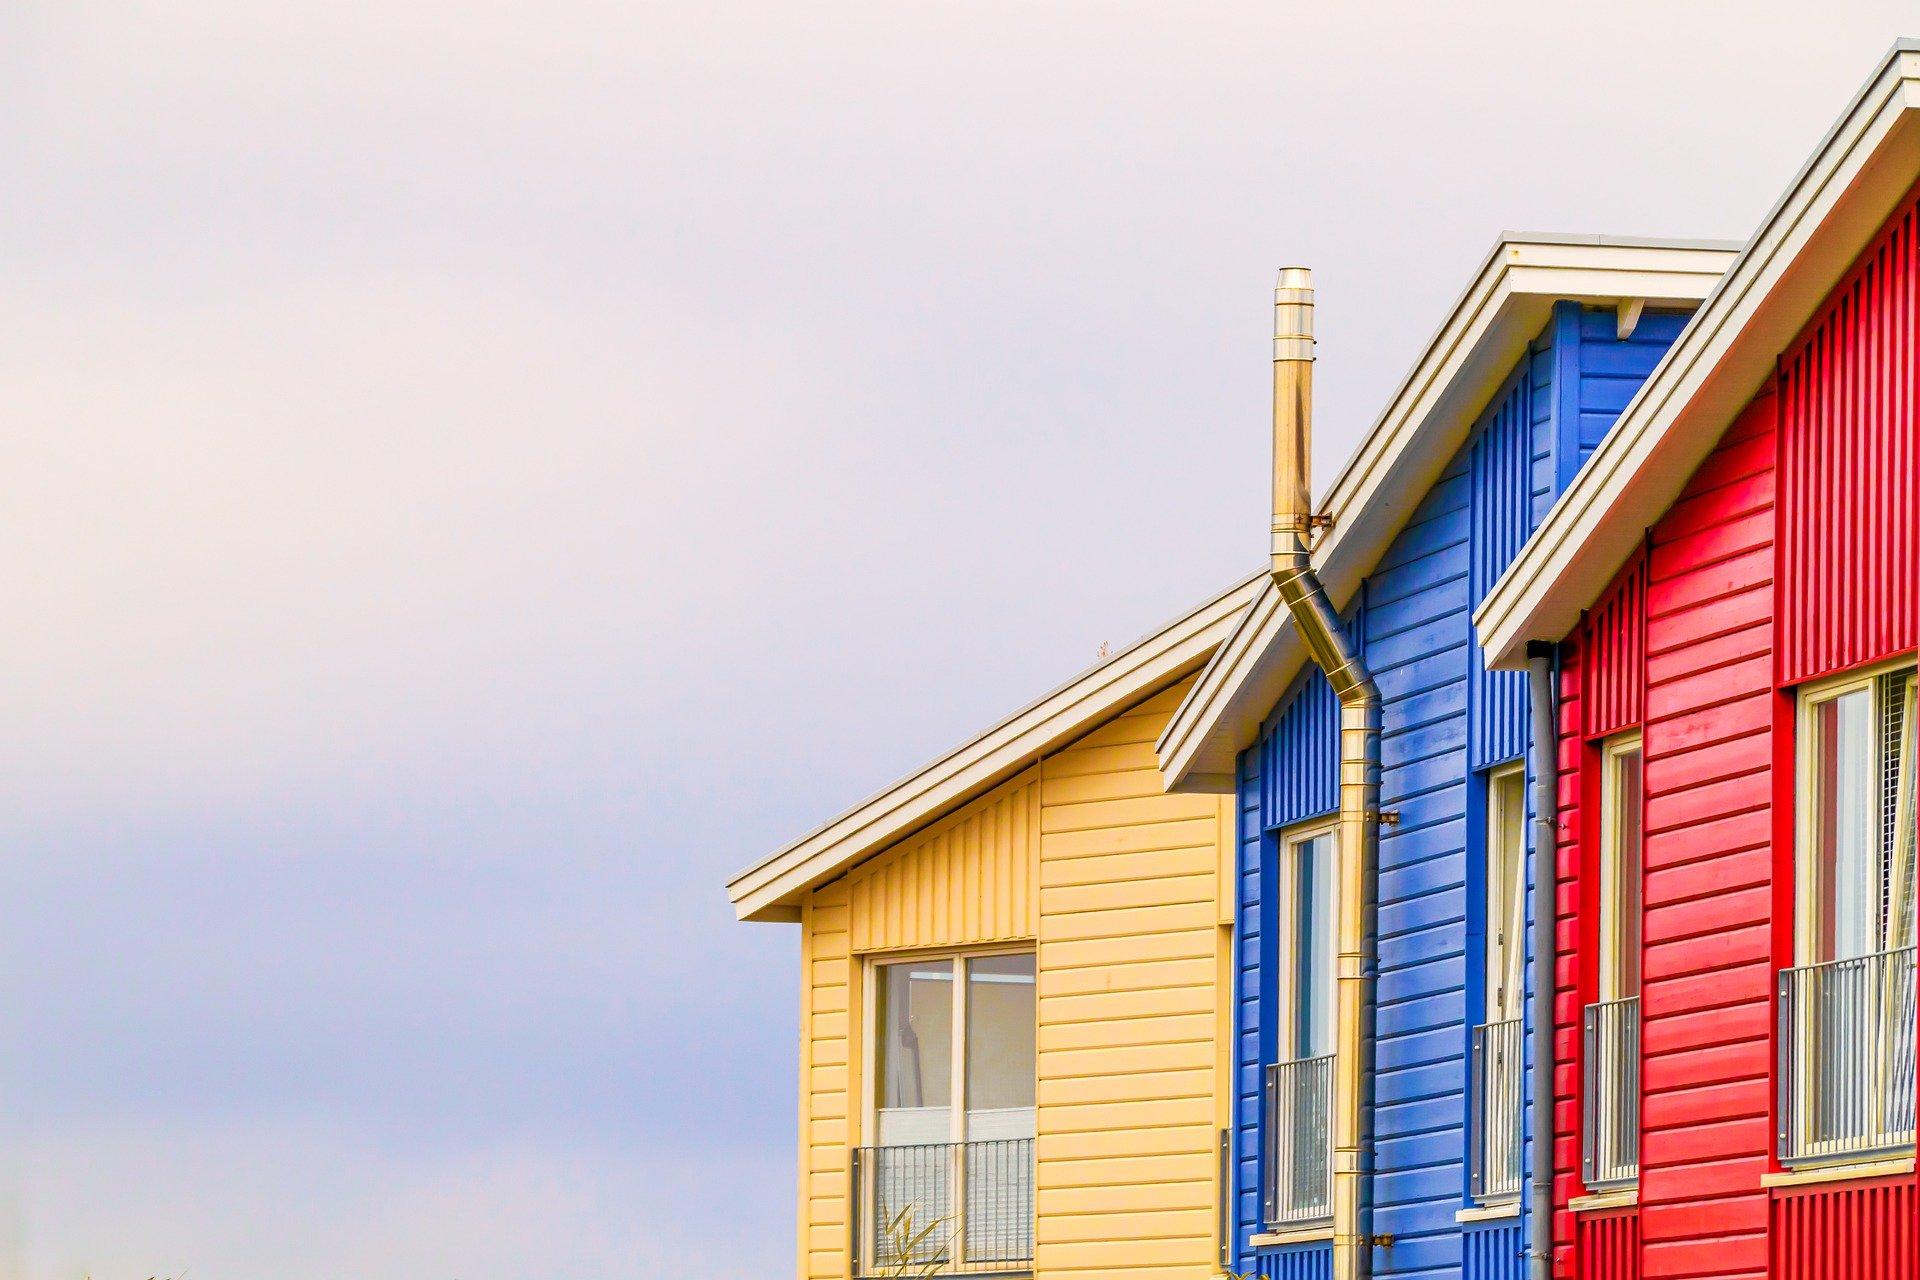 sprzedaz-udzialow-w-nieruchomosci-2021